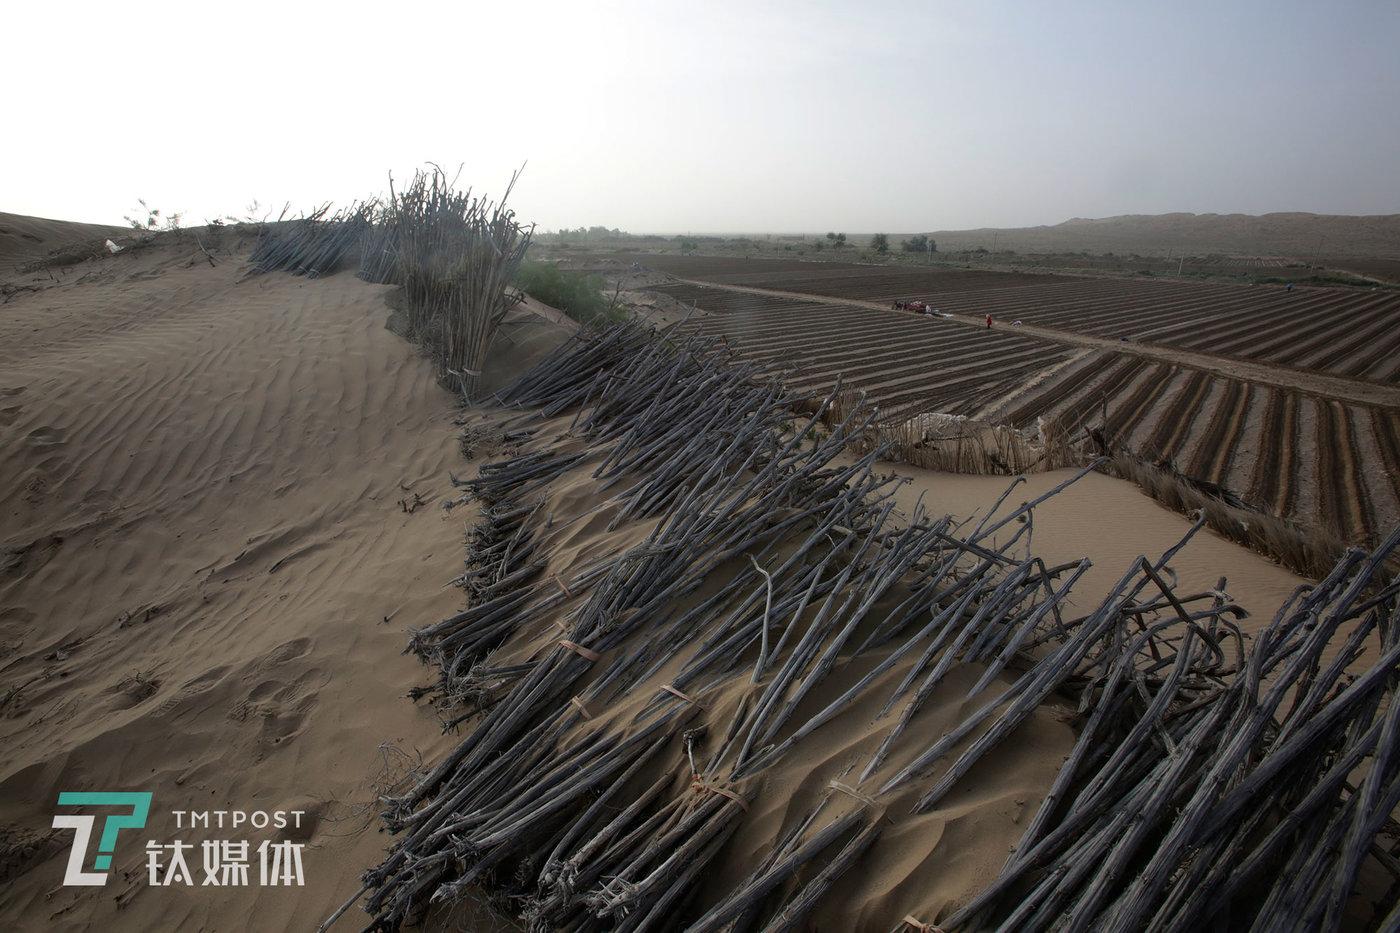 为了防沙固沙,瓜农还在沙丘上铺放了收割来的向日葵杆。